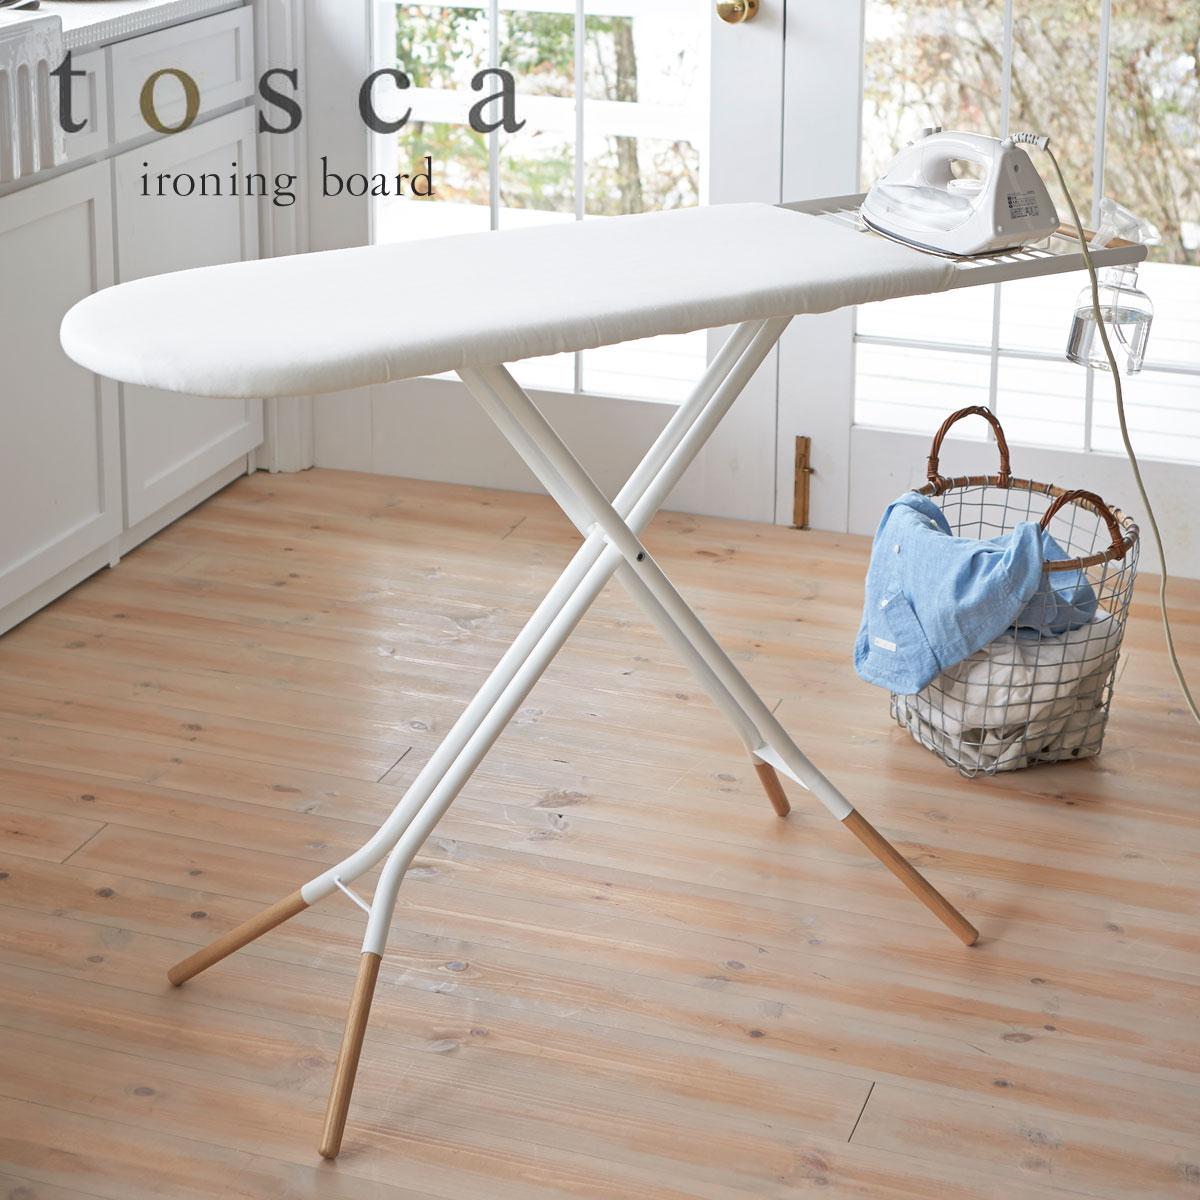 おとこの雑貨屋 アイロン台 スタンド式 折りたたみ 平型 使いやすい tosca トスカ ホワイト 03152 アイデア 便利【RCP】 包装不可 送料無料